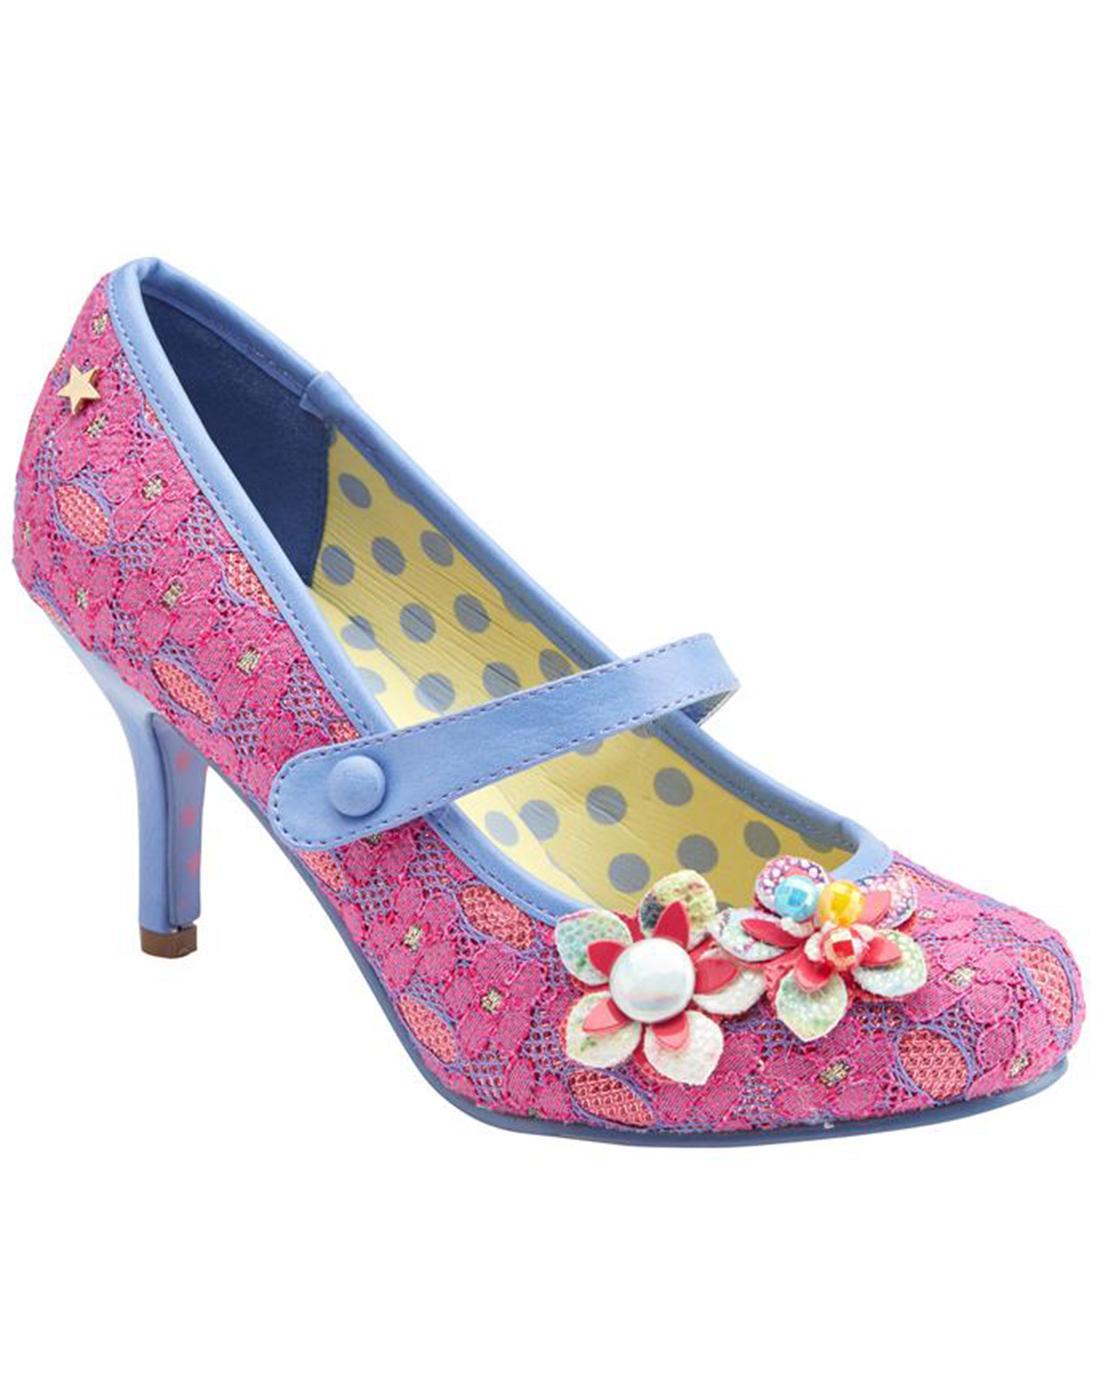 Malia JOE BROWNS Vintage lace Pink floral Heels